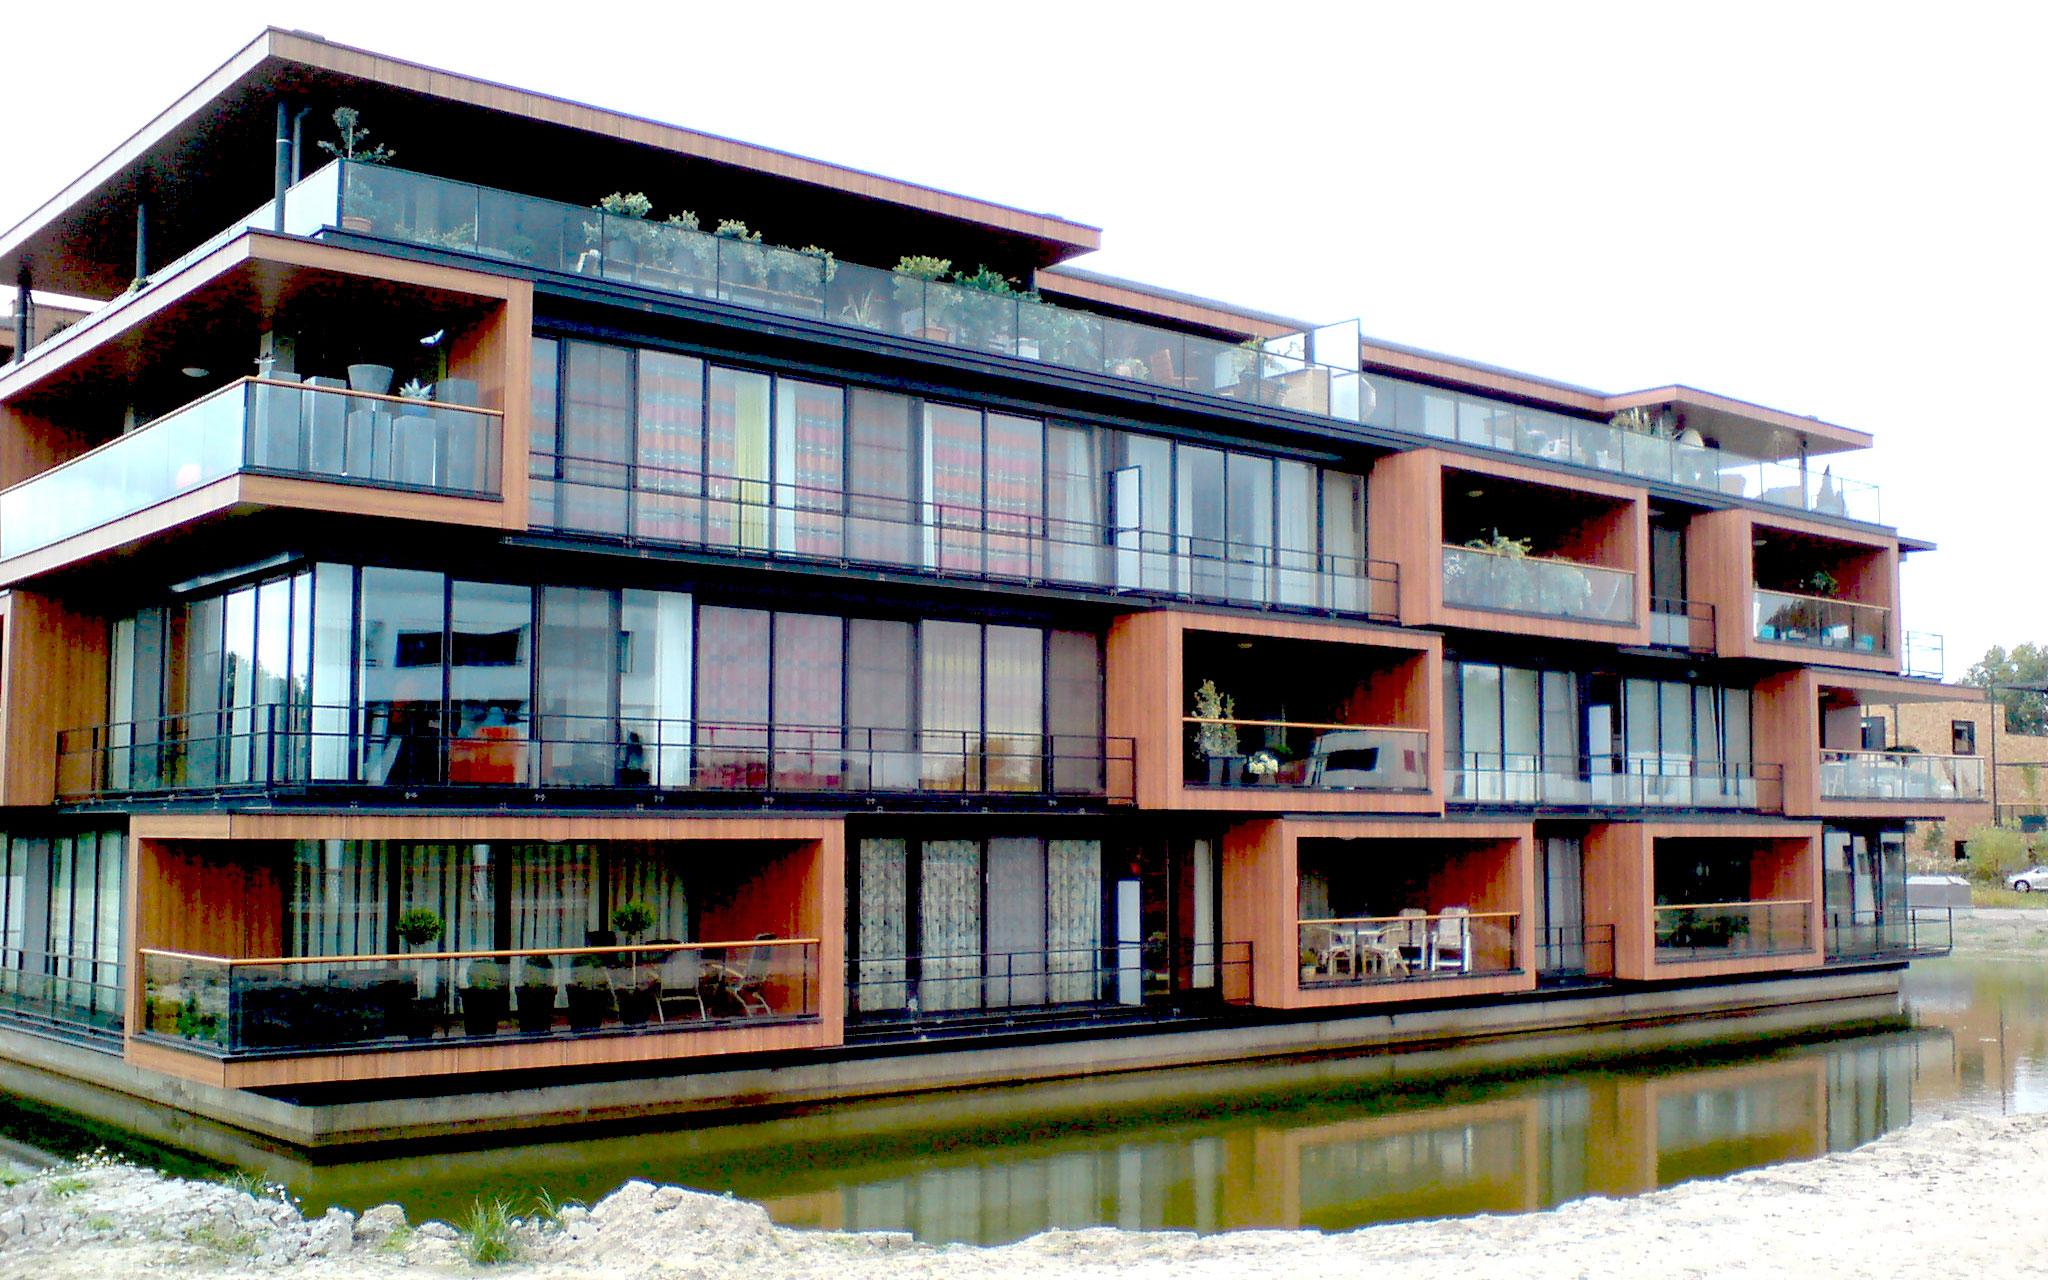 Meer nieuwbouw nodig om prijsexplosie te voorkomen bewust nieuwbouw - Case study small apartment ...